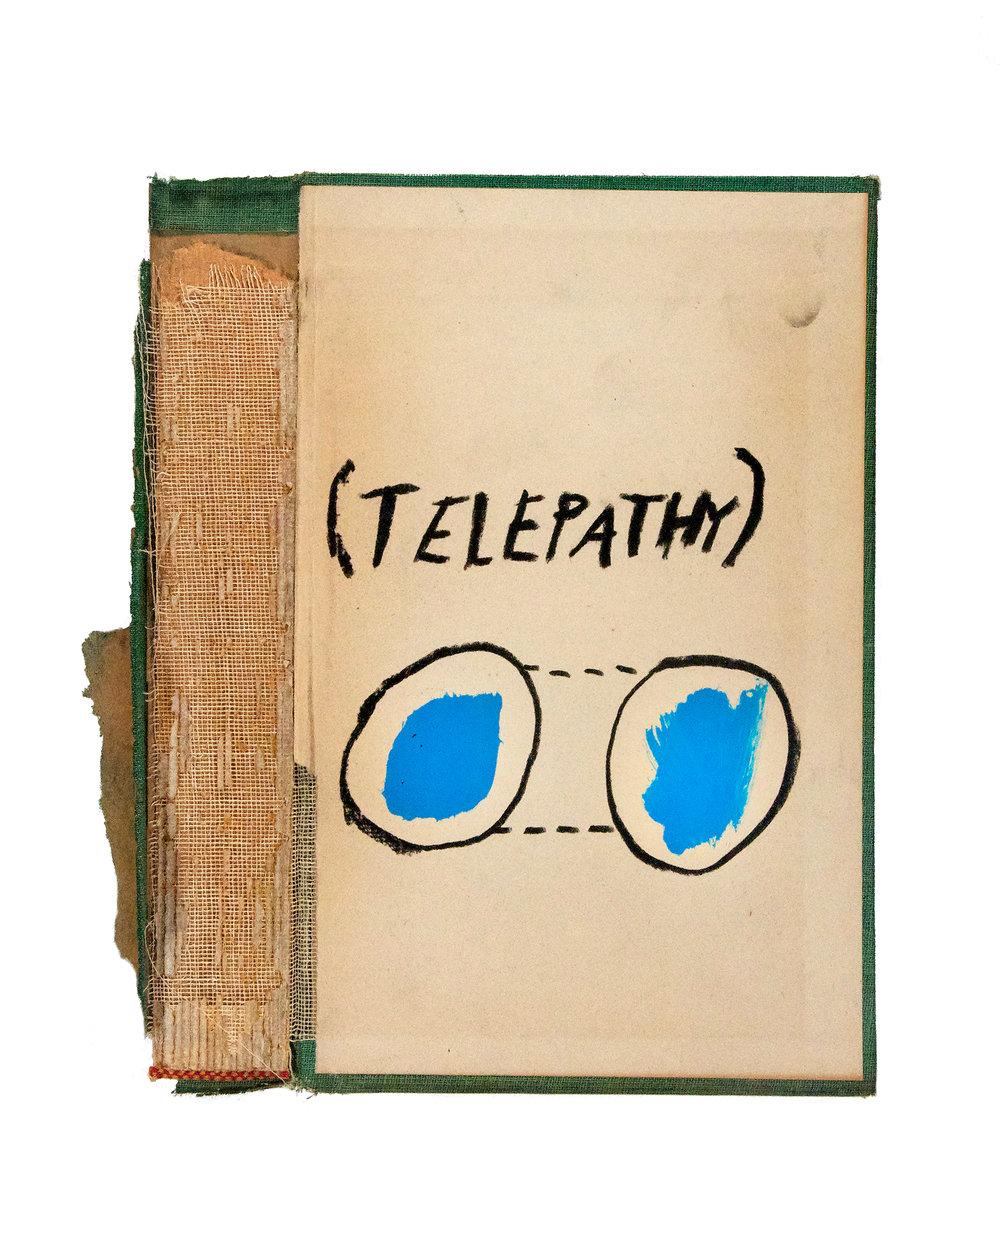 Telepathy PG.jpg